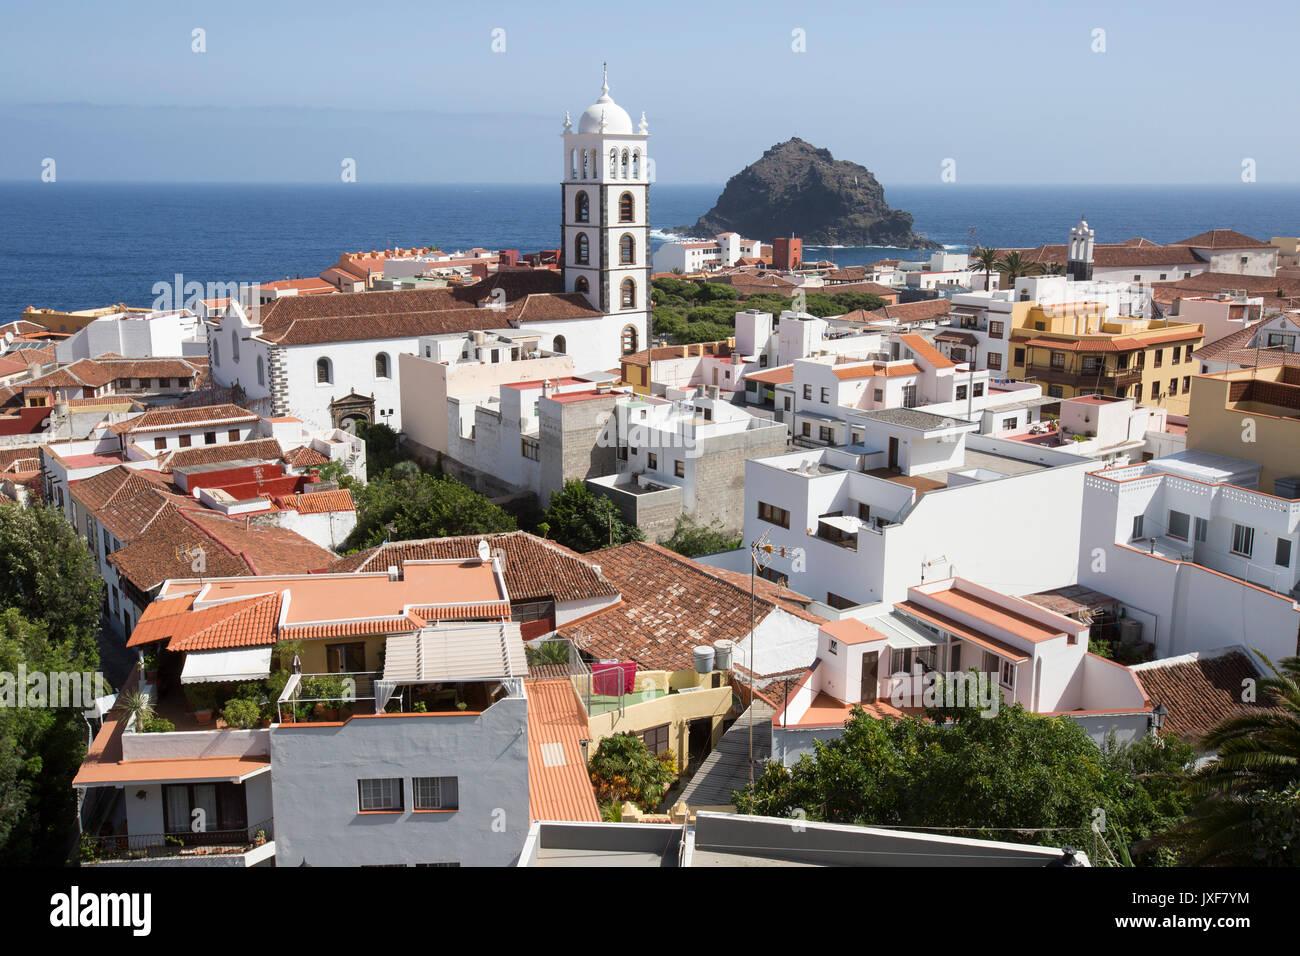 Die Stadt Garachico auf Teneriffa, Kanarische Inseln.Stockfoto